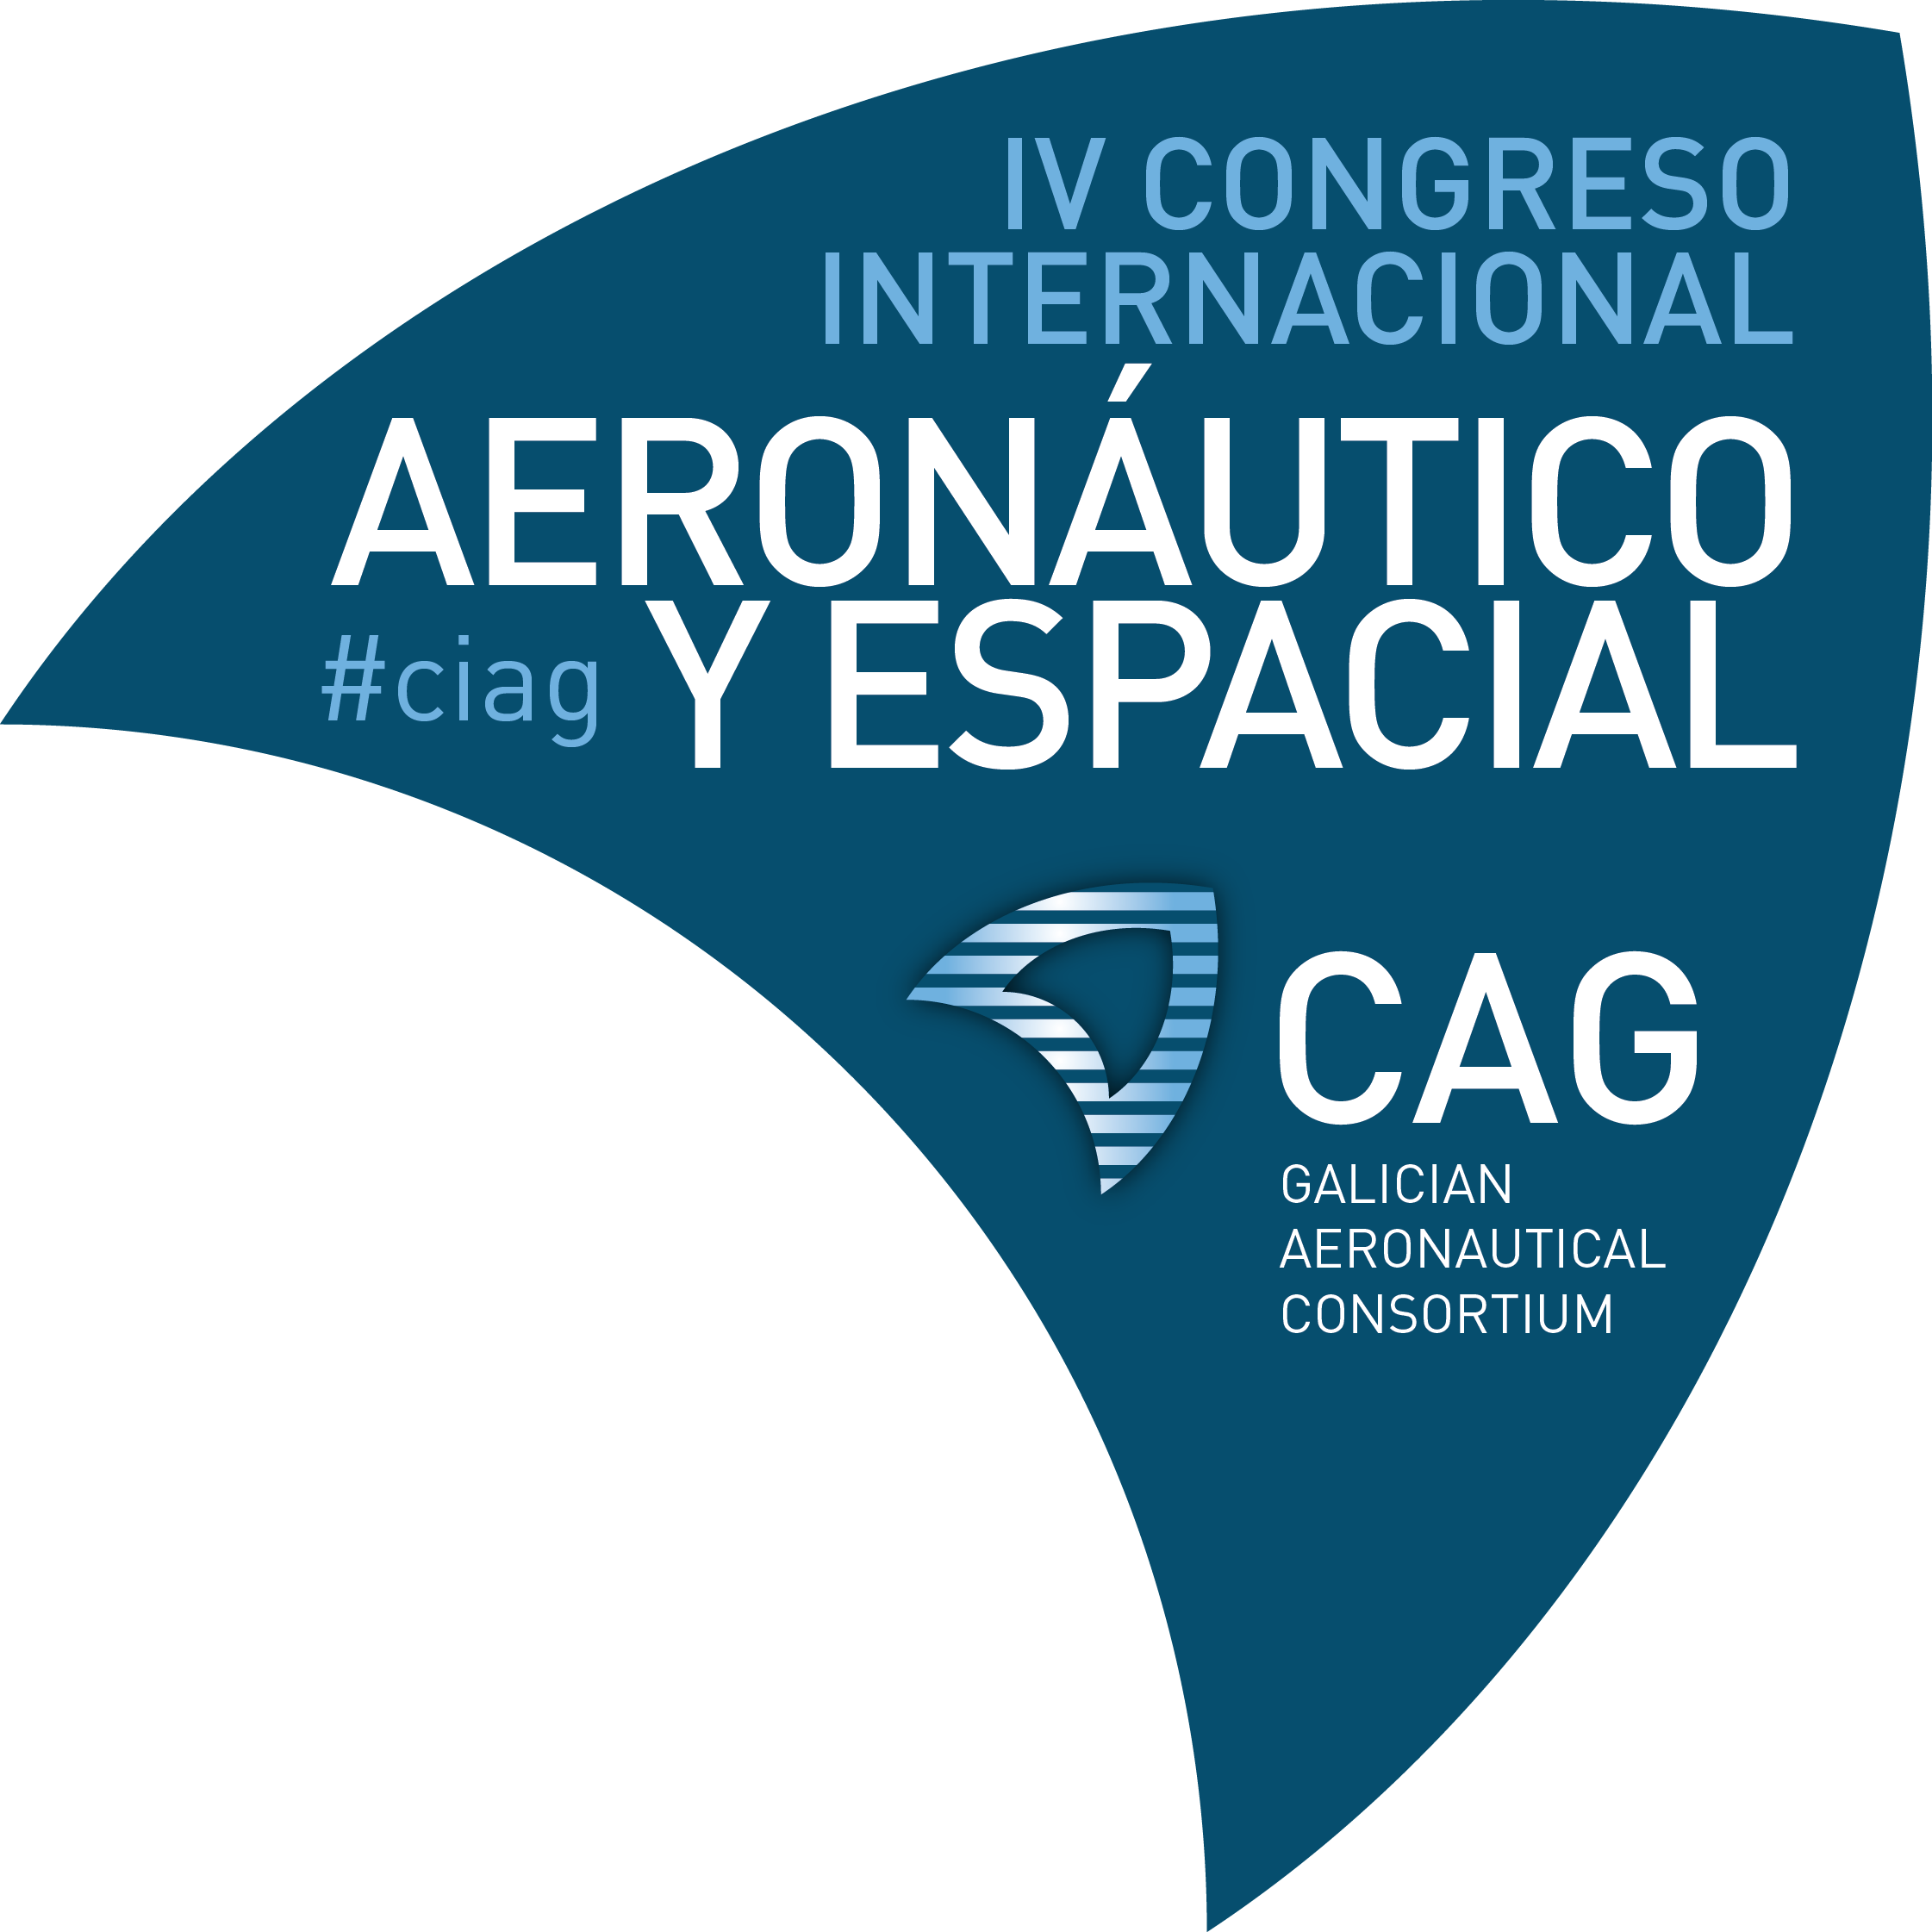 IV CONGRESO INTERNACIONAL AERONÁUTICO Y ESPACIAL (CIAG)